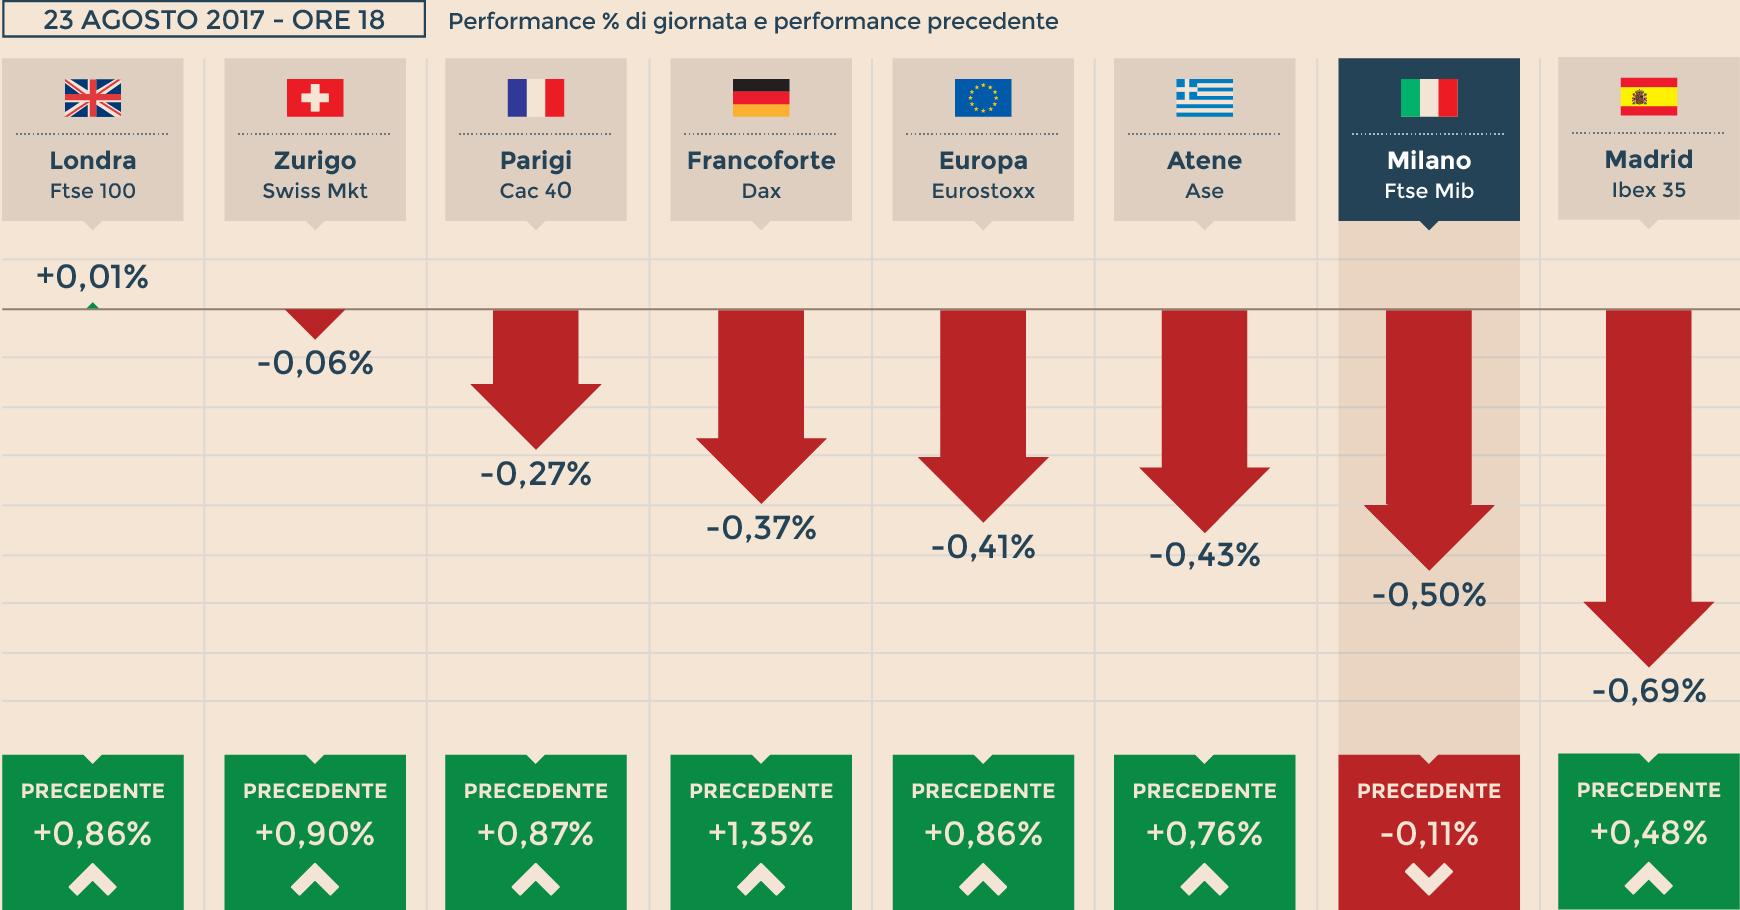 5755e19db9 Le Borse europee chiudono in rosso, a Milano giù Mediaset e le banche